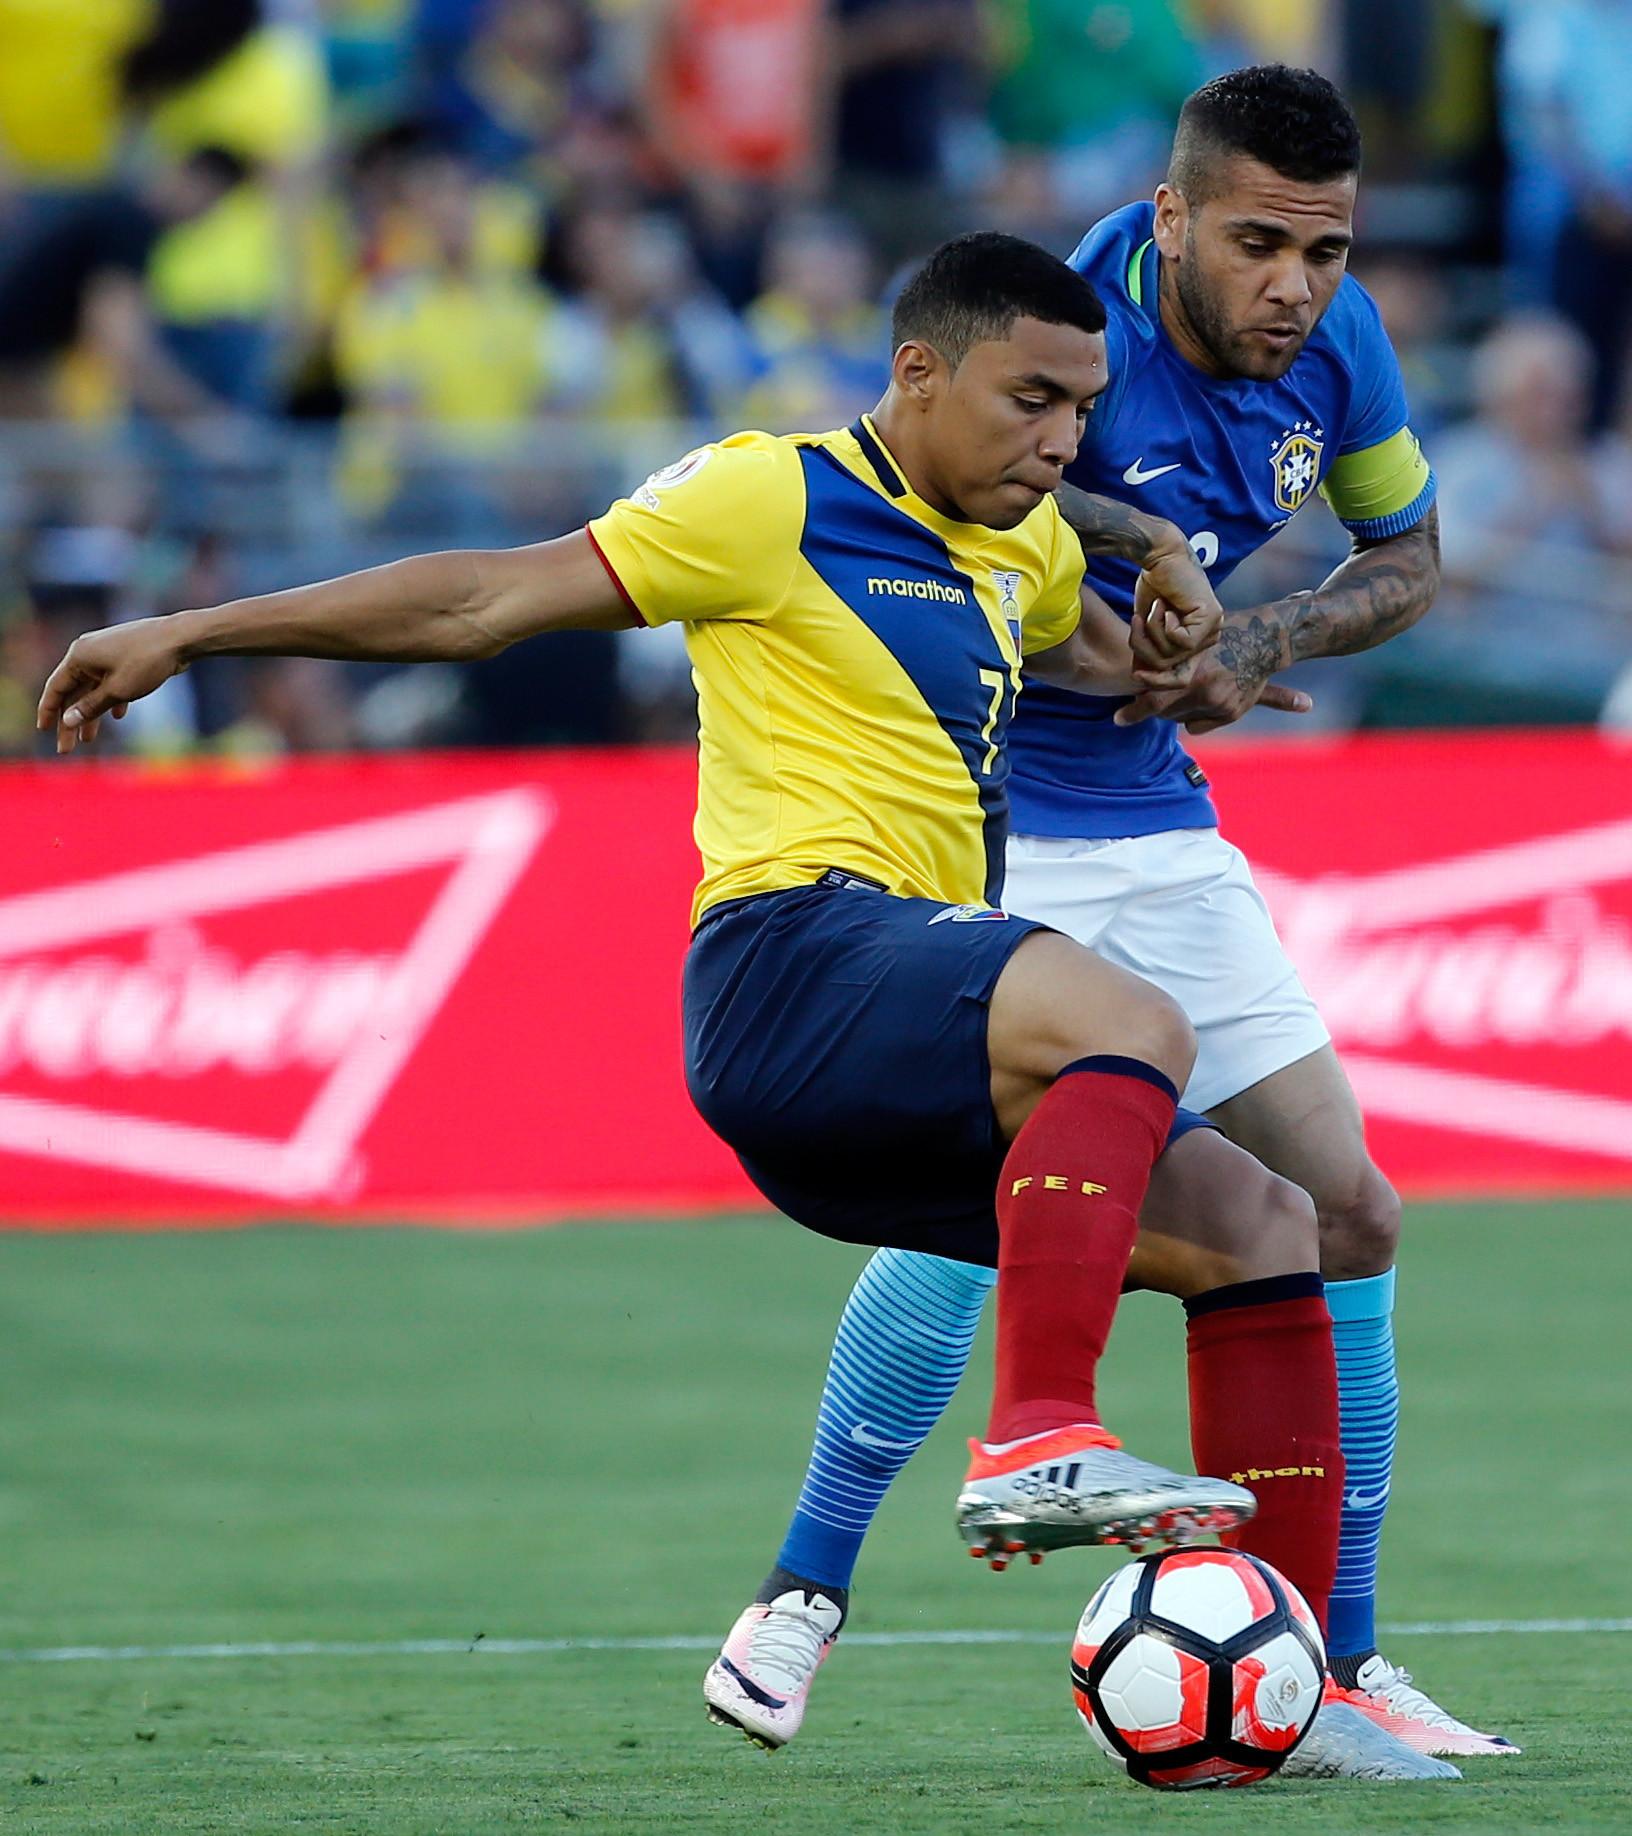 los mejores momentos brasil vs ecuador en copa